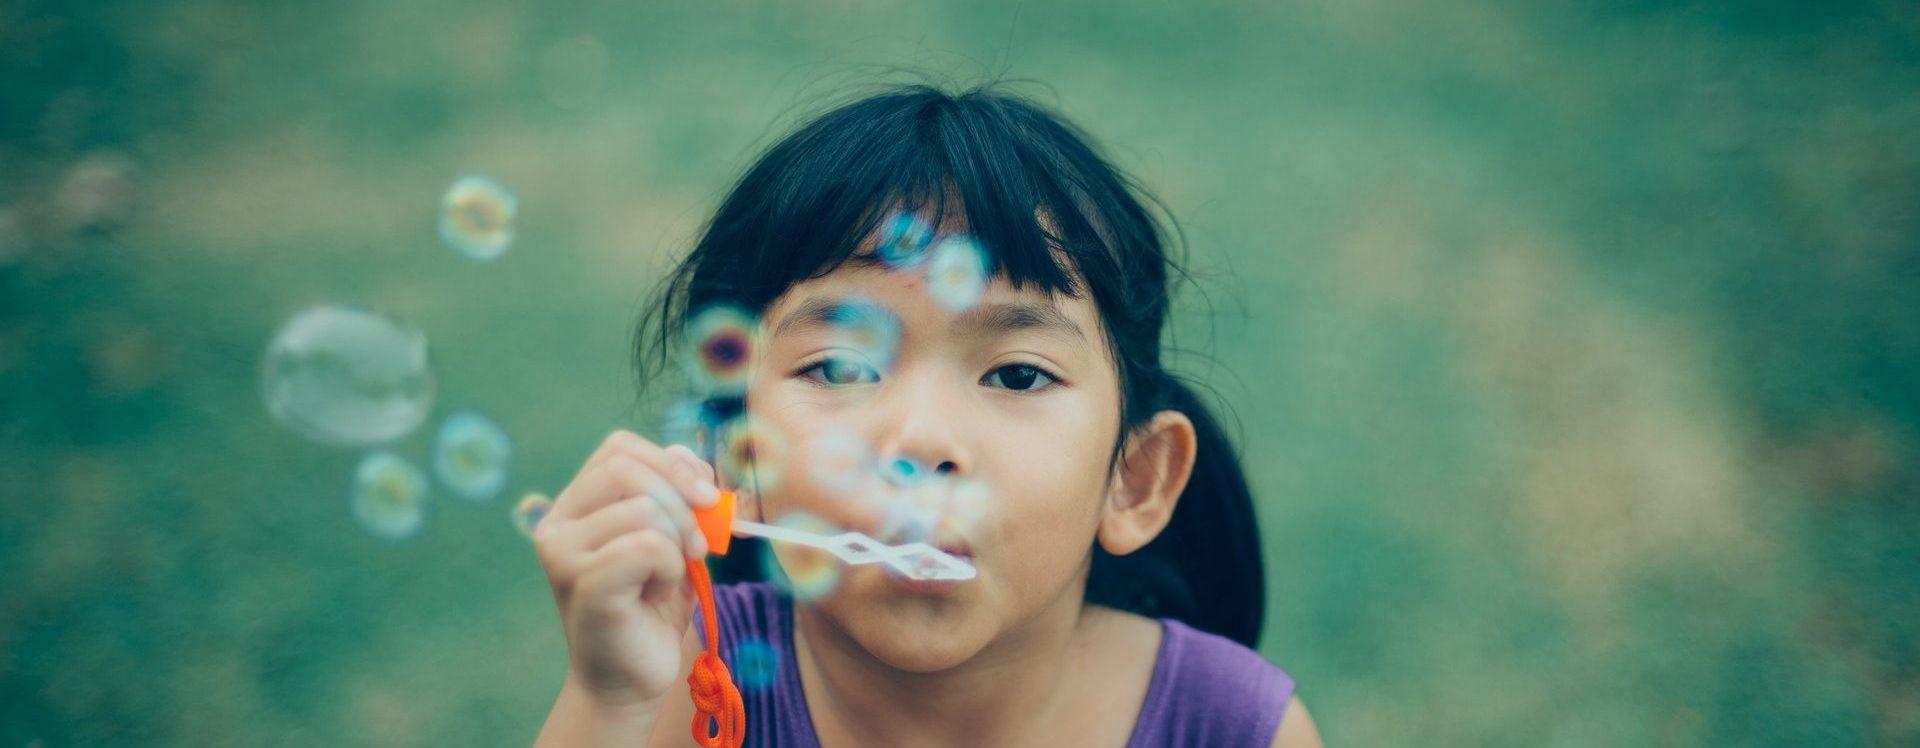 Ein kleines Mädchen pustet Seifenblasen in die Kamera.